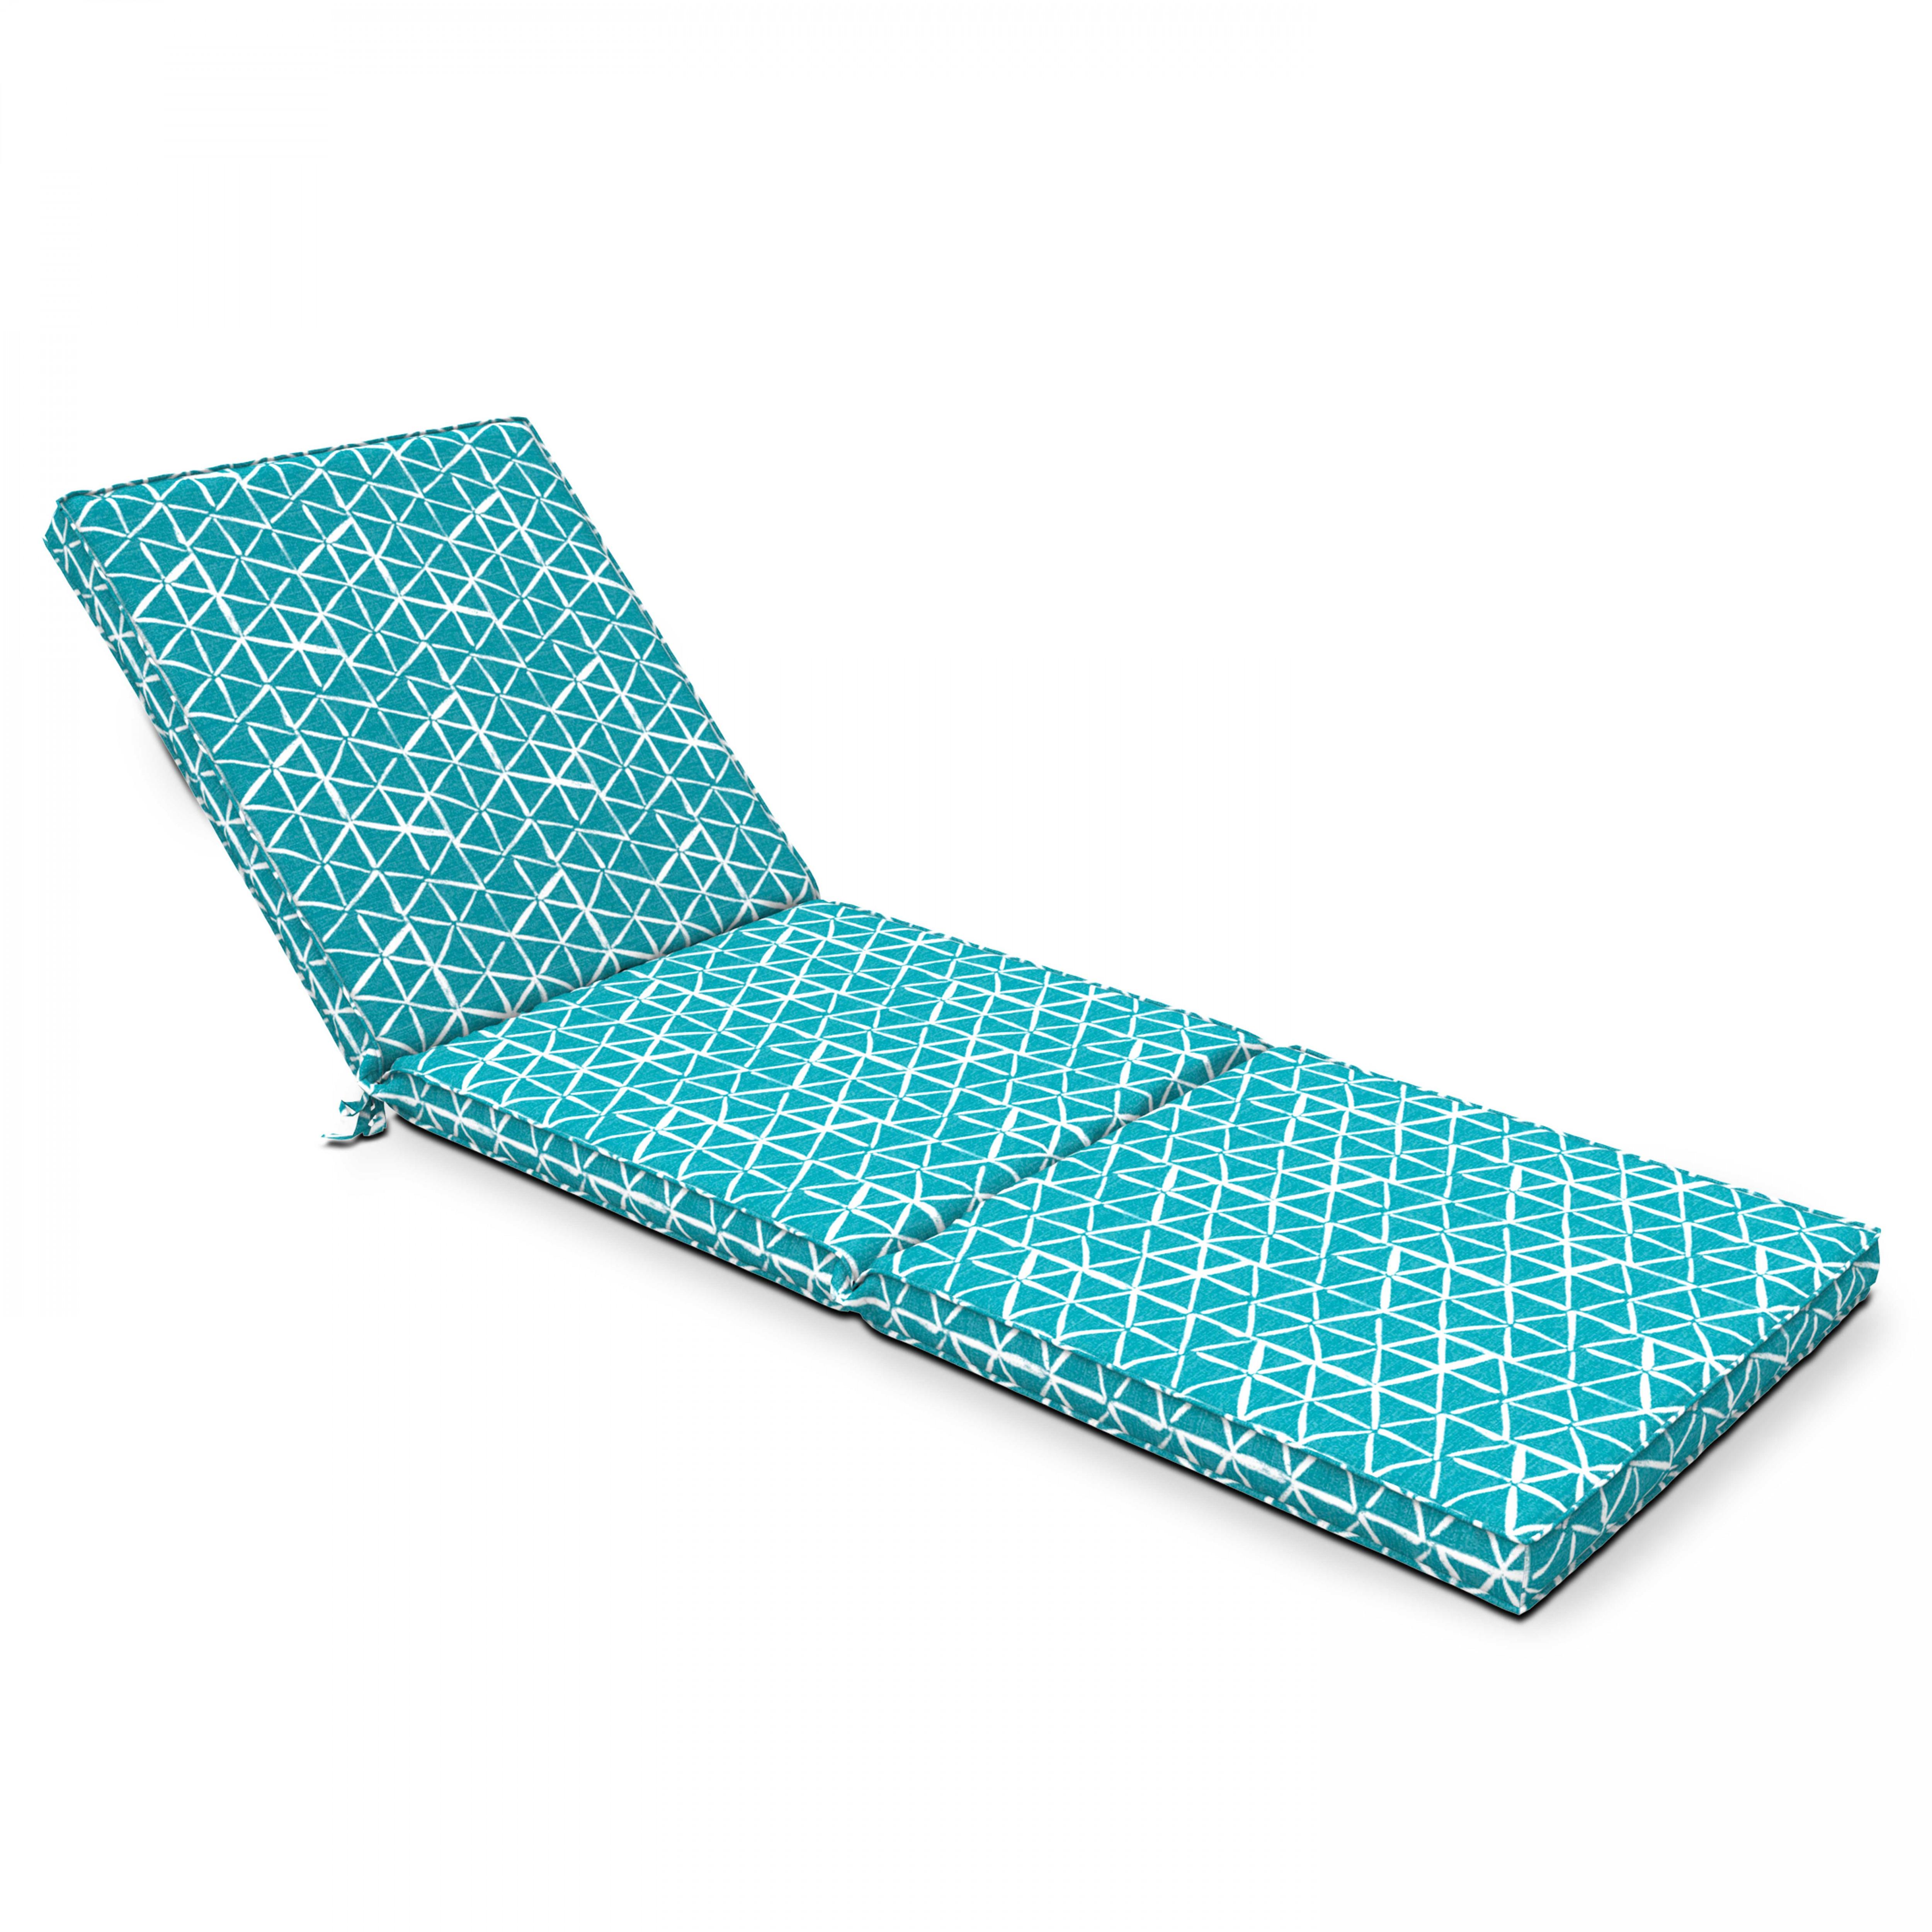 Coussin pour bain de soleil  en polyester bleu graphique